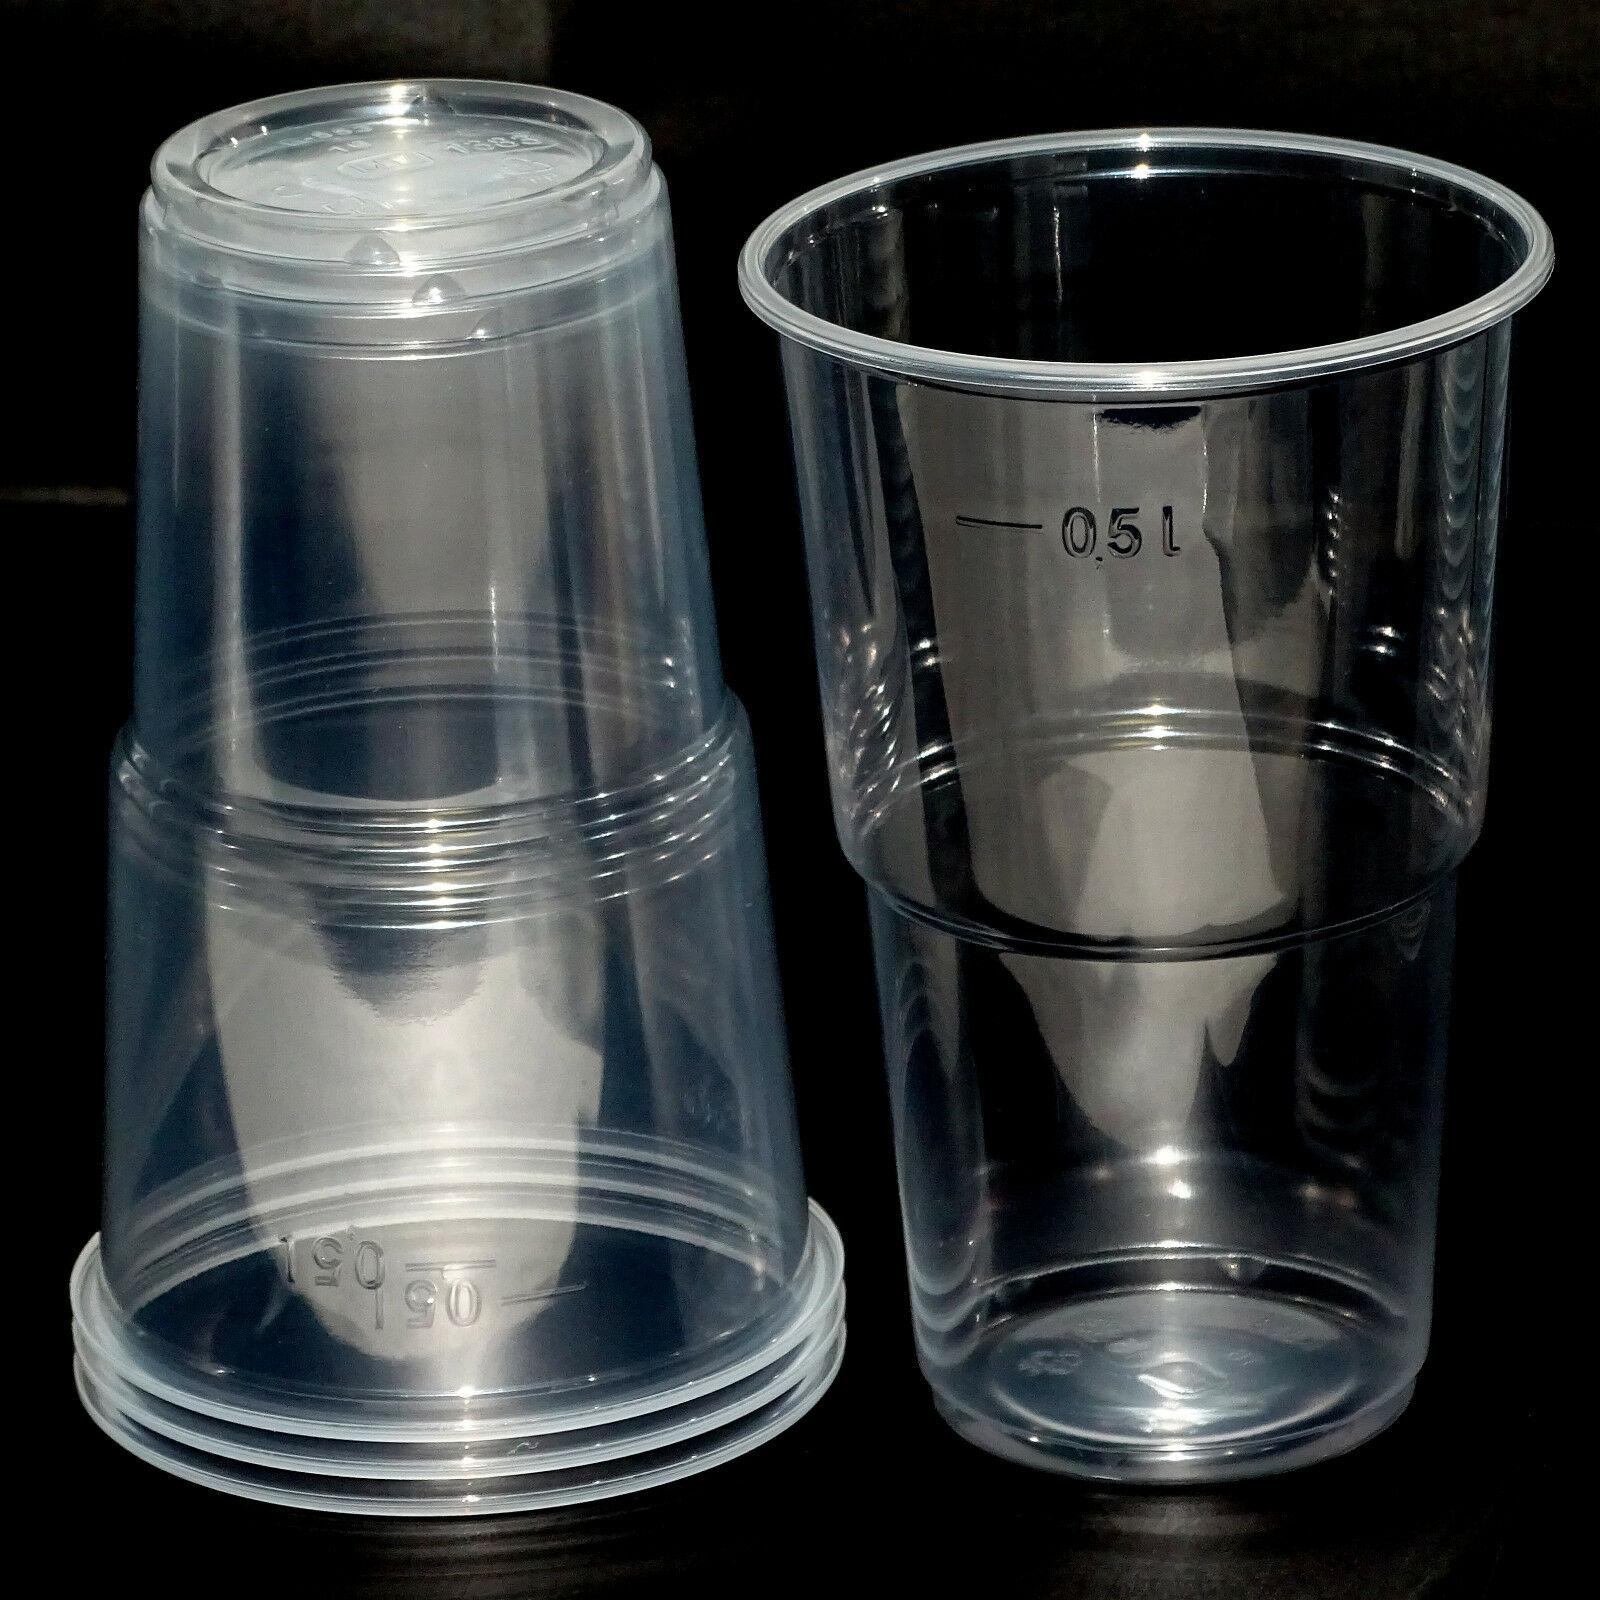 100 - 1.000 Einweg Bierbecher Ausschankbecher Trinkbecher 0,3 L / 0,4 L / 0,5 L  - 100 Stück = 2 Pack.x 50 Stück, 500 ml